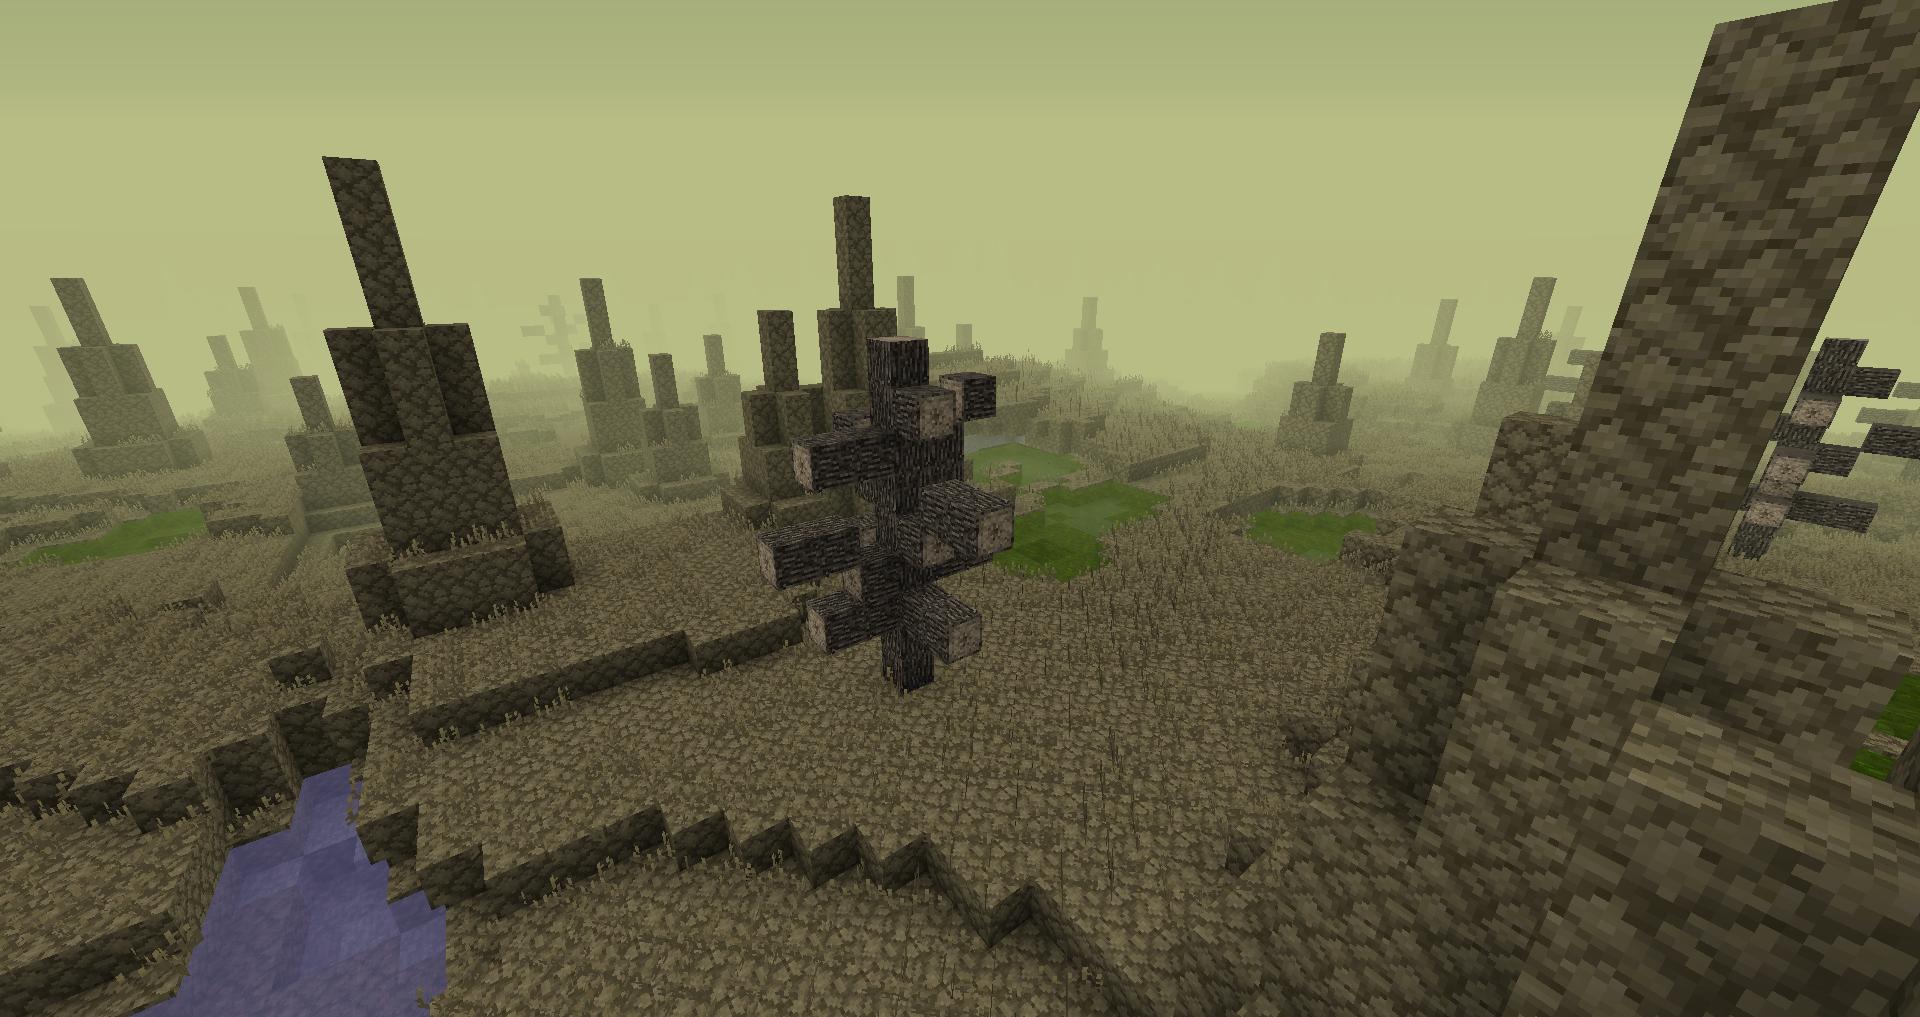 Wasteland  Wasteland, Minecraft art, Biomes